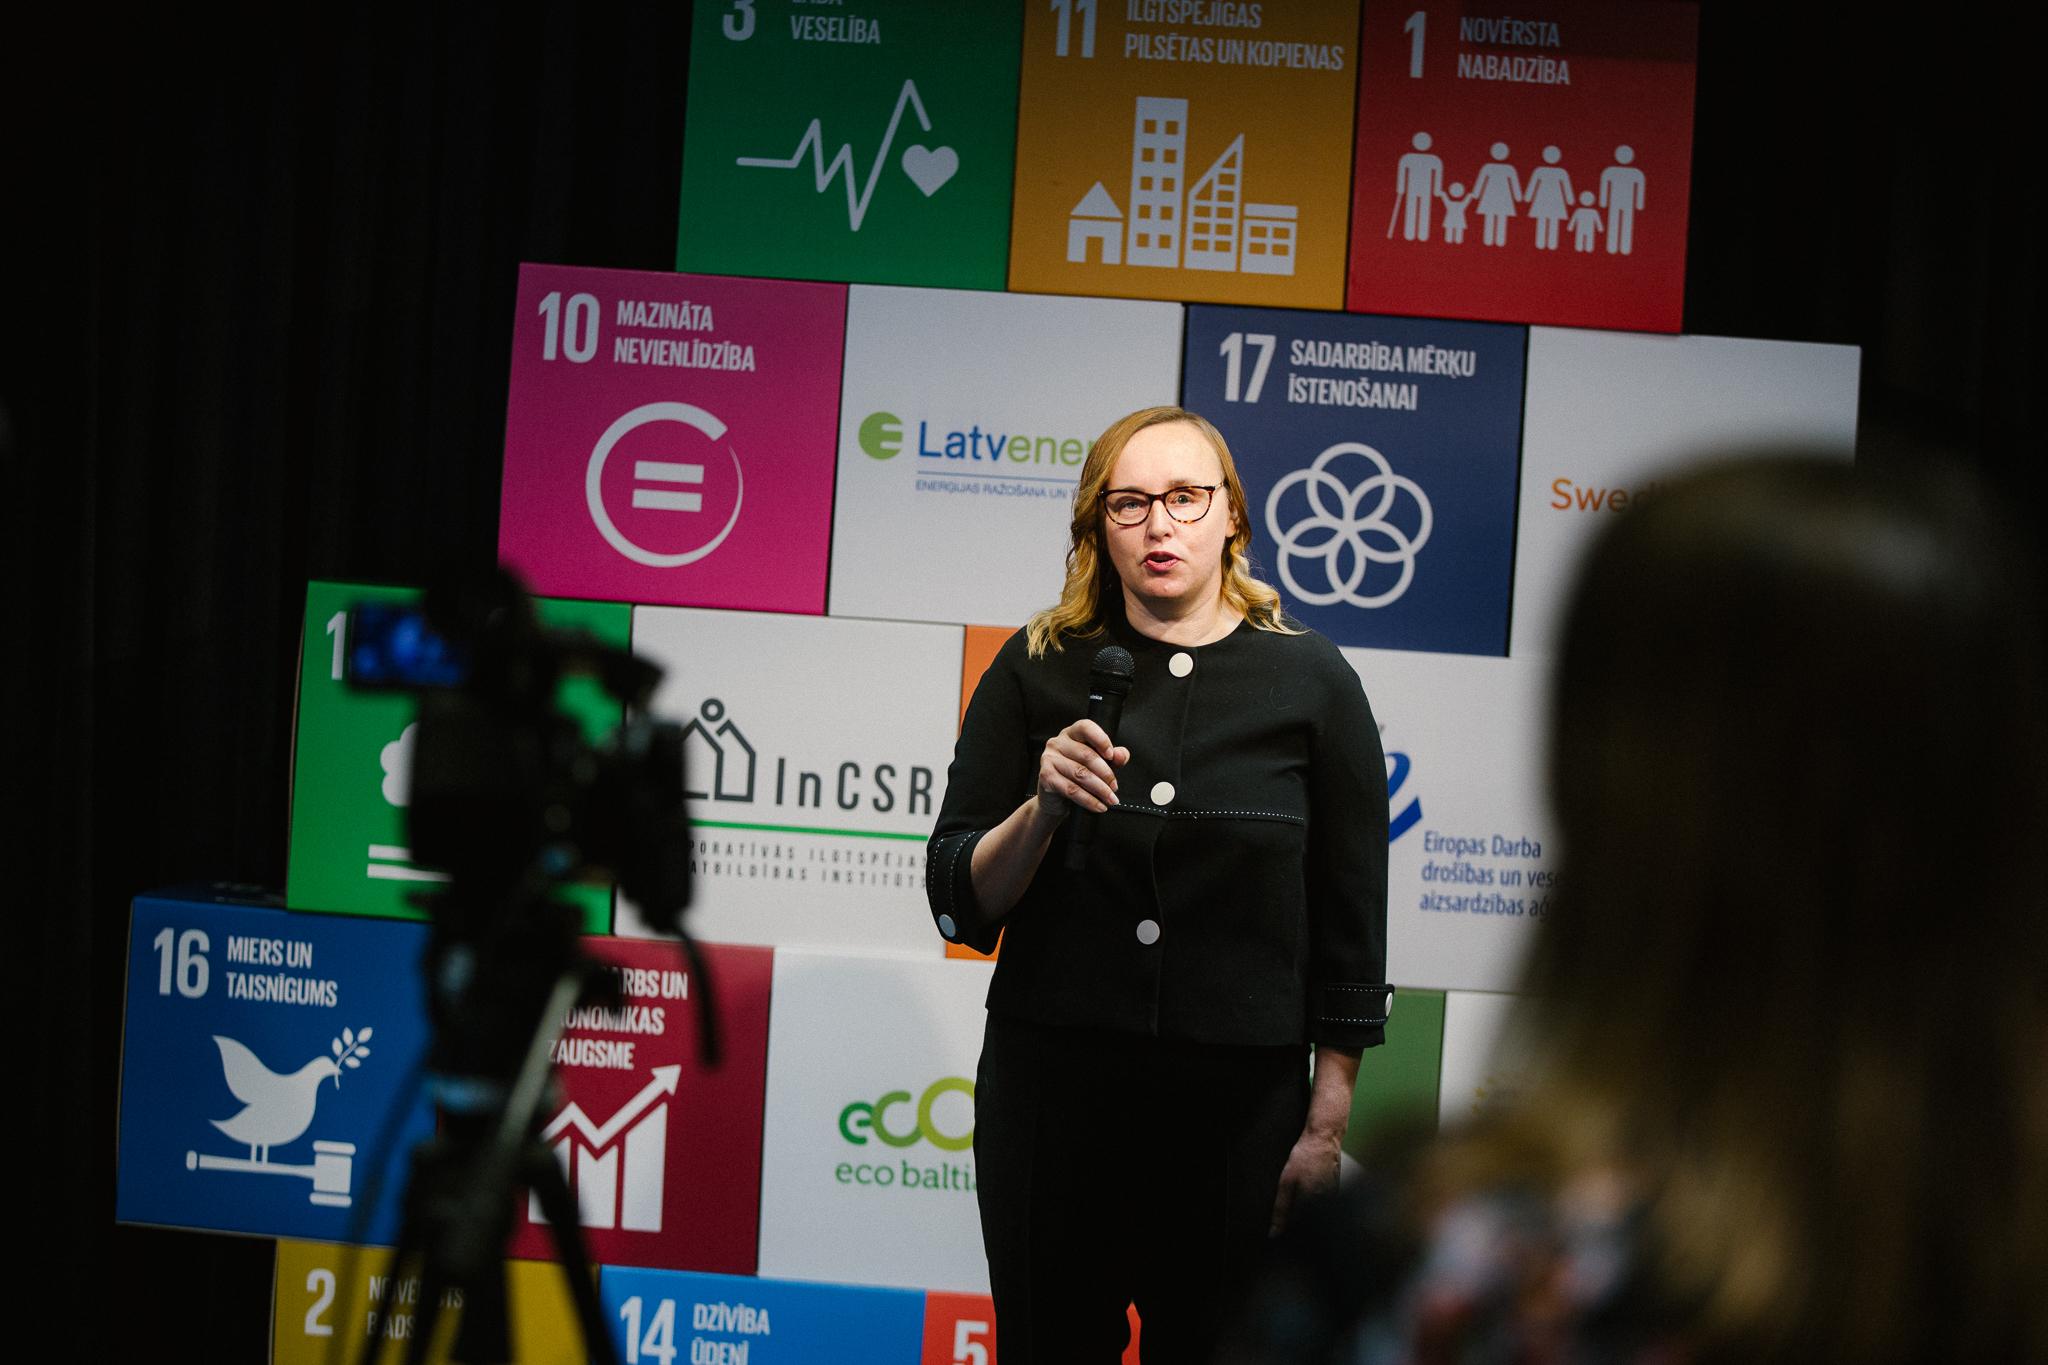 Eiropas Darba drošības un veselības aizsardzības aģentūras Latvijas kontaktpunkta vadītāja Linda Matisāne saka Atbildīgu ideju tirgus 2020 atklāšanas uzrunu